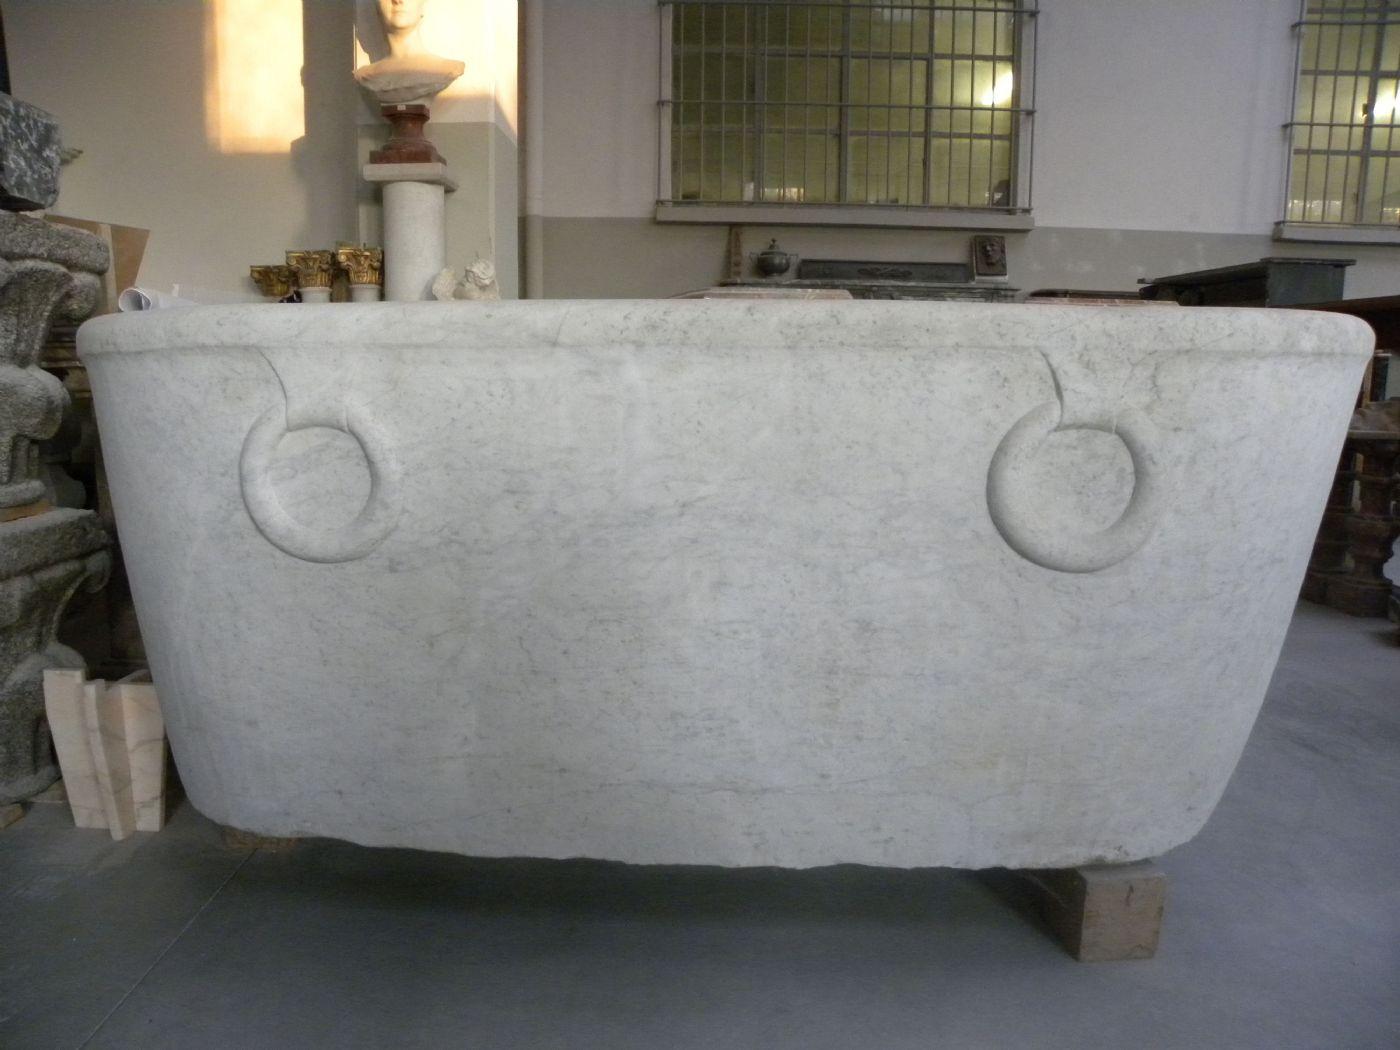 Bagni In Marmo Di Carrara : Vasca in marmo bianco di carrara con anelloni antiquitäten auf